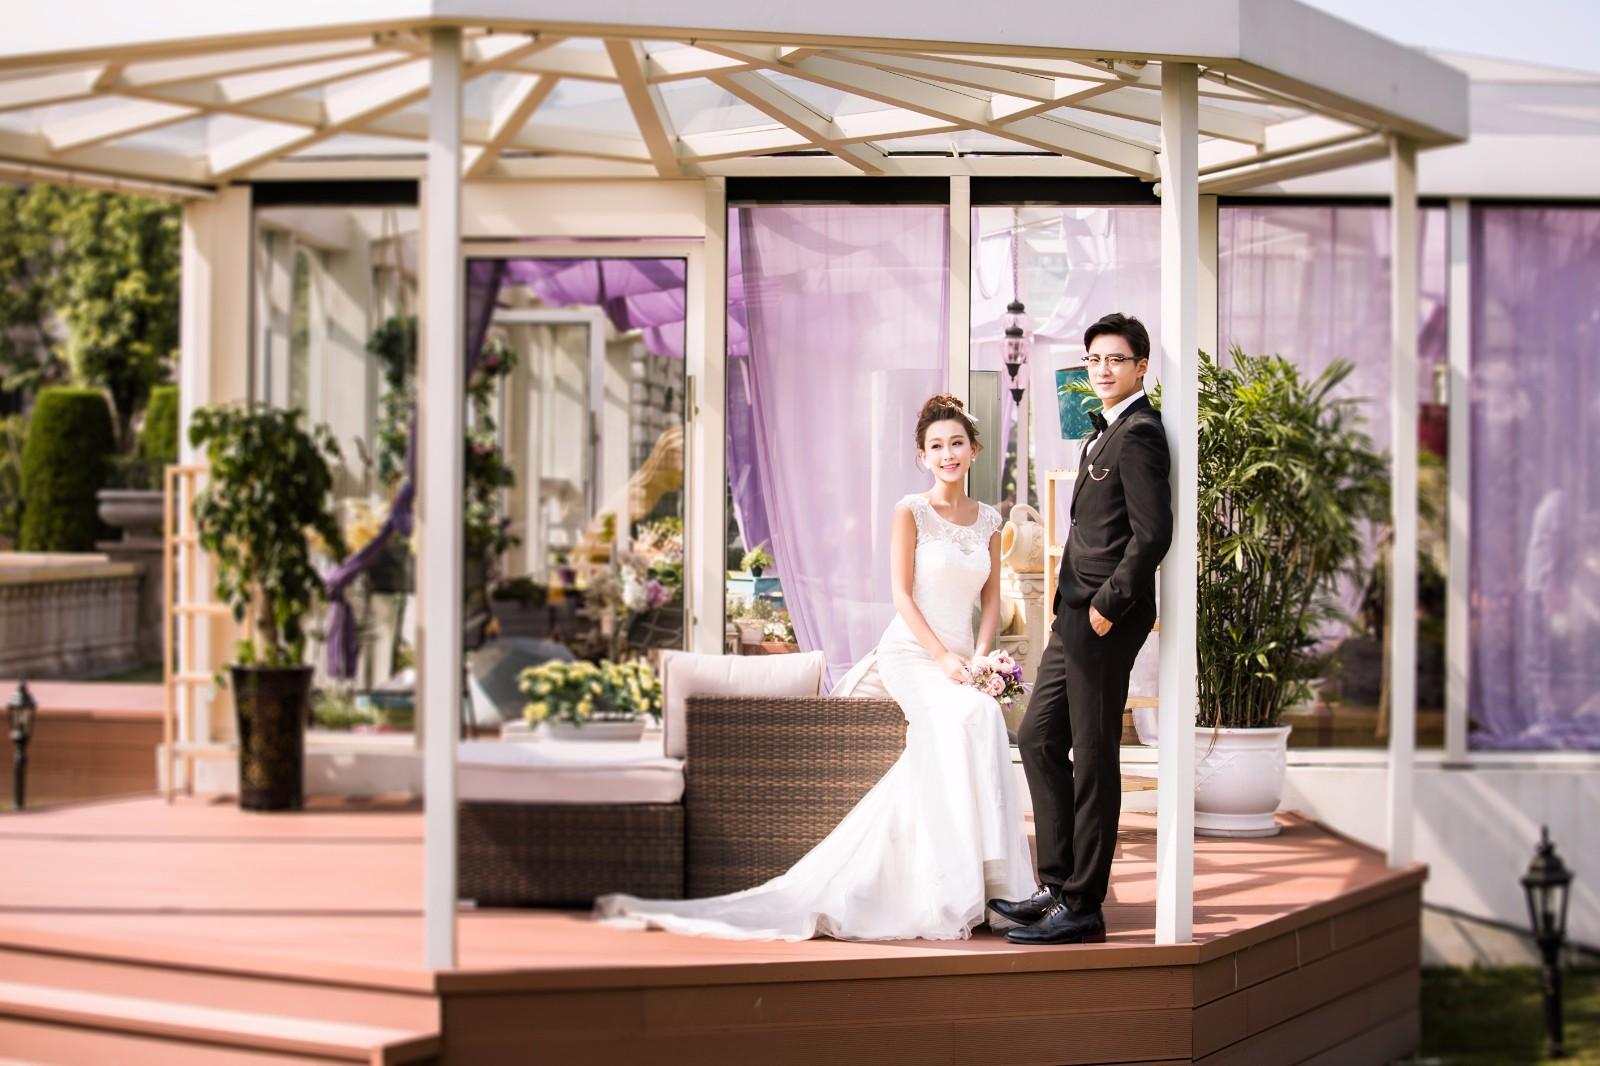 婚礼当天流程当中,主要是把任务人员合理安排